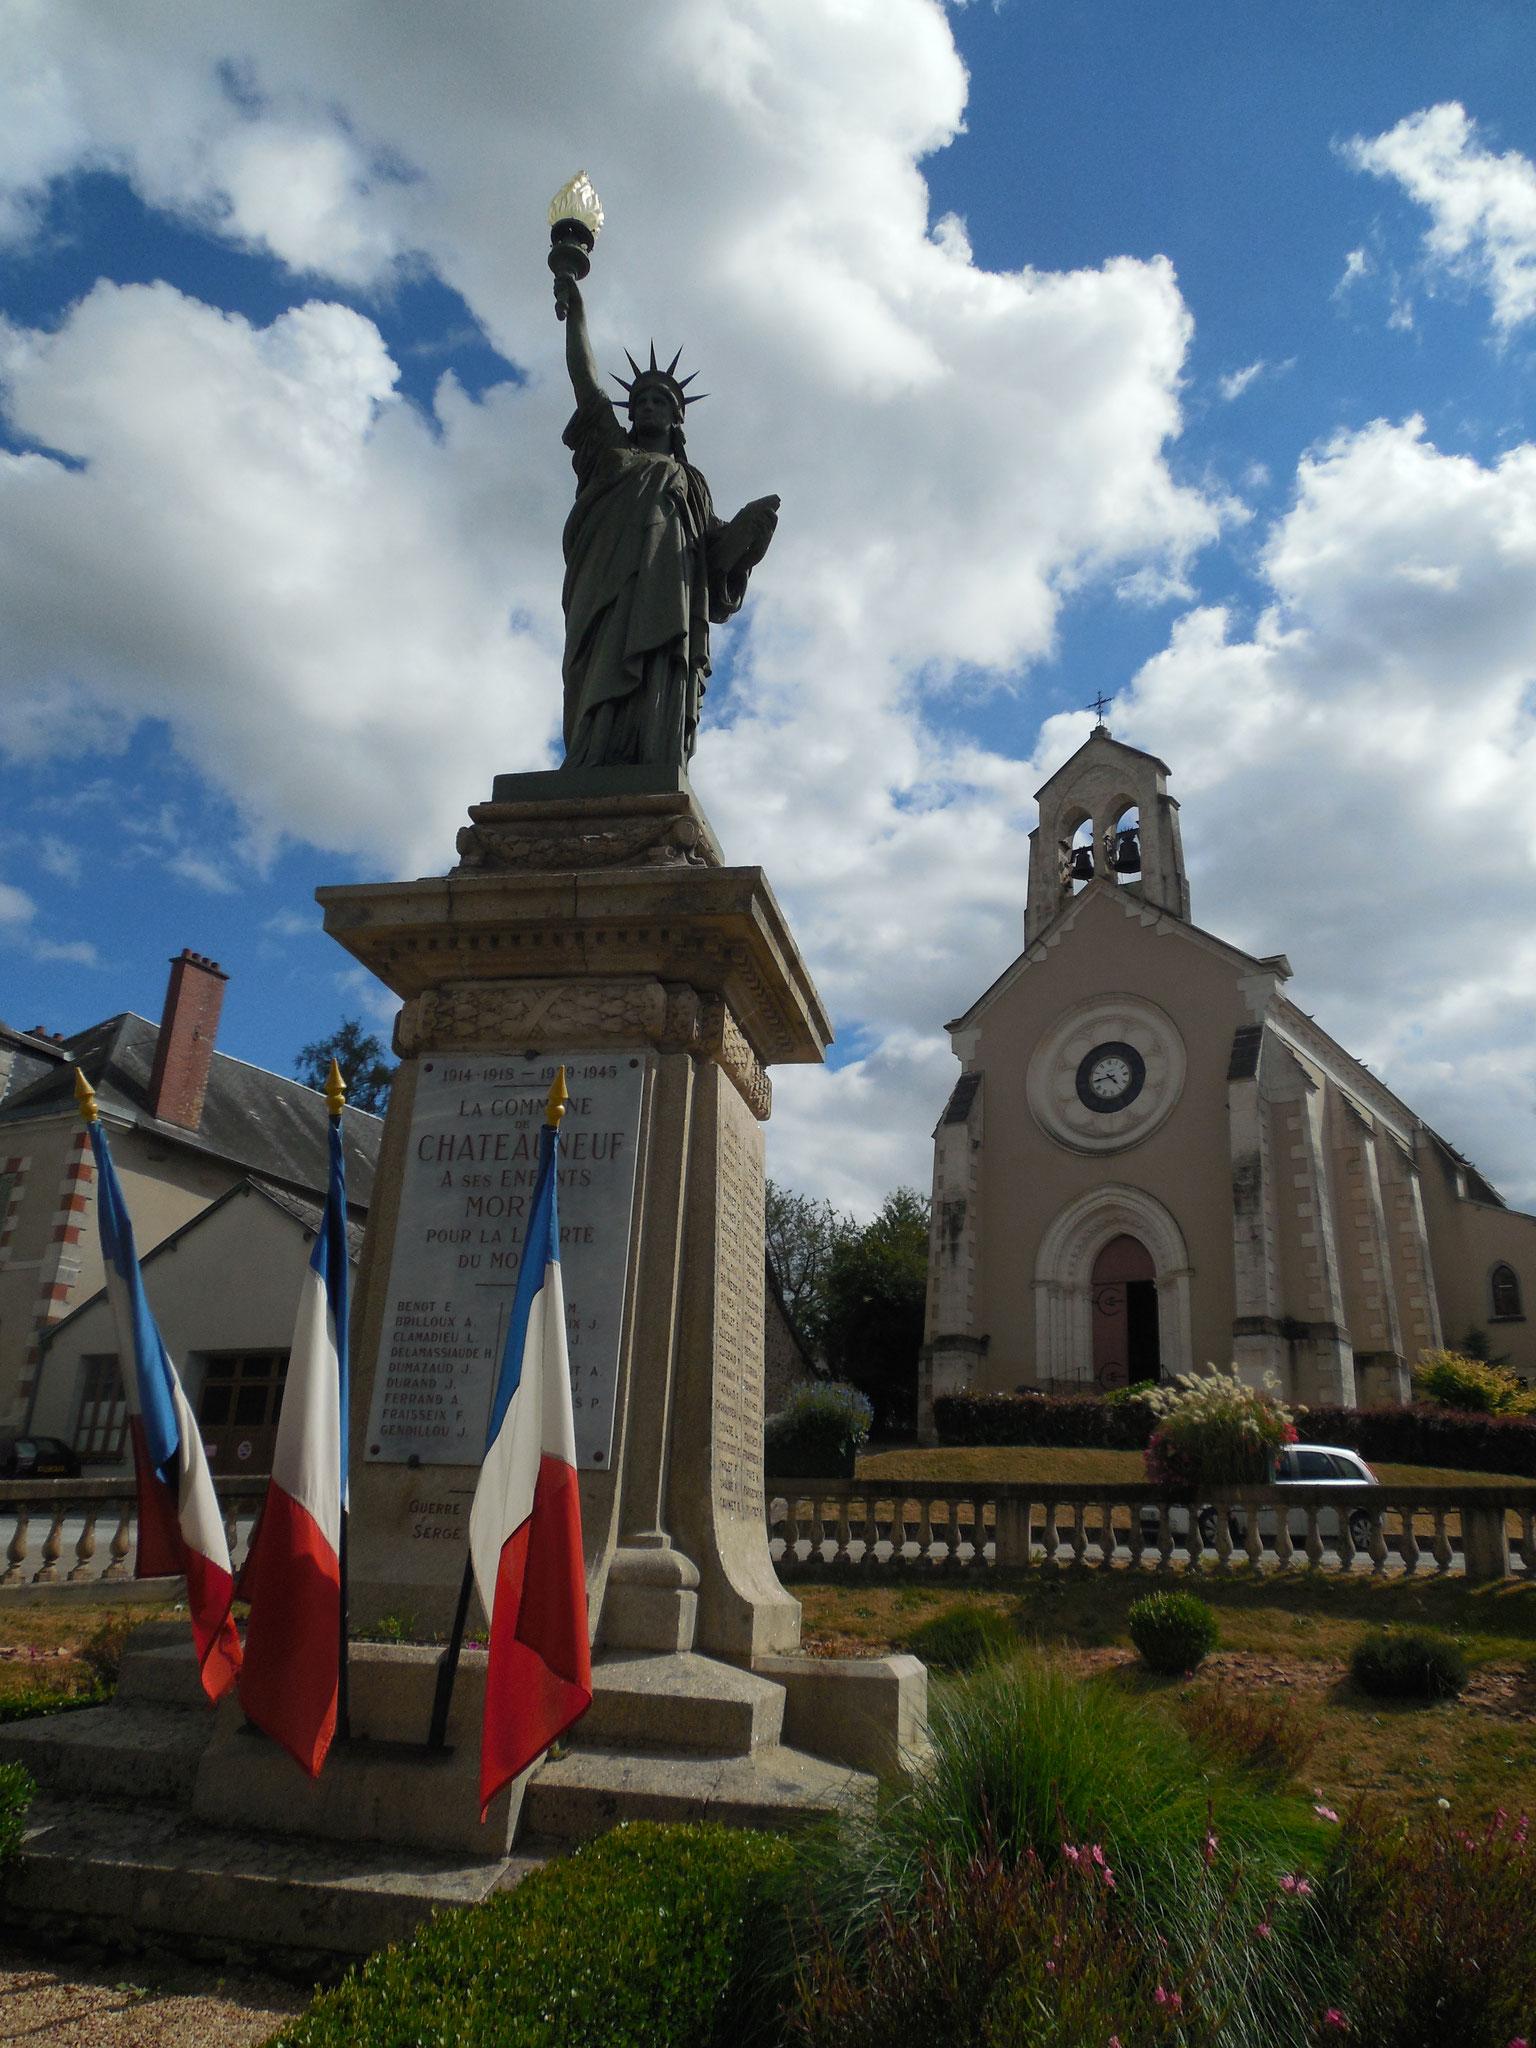 Châteauneuf-la-Forêt, son Monument aux Morts et son église contemporaine (chef-lieu de la Communauté de Communes Briance-Combade).